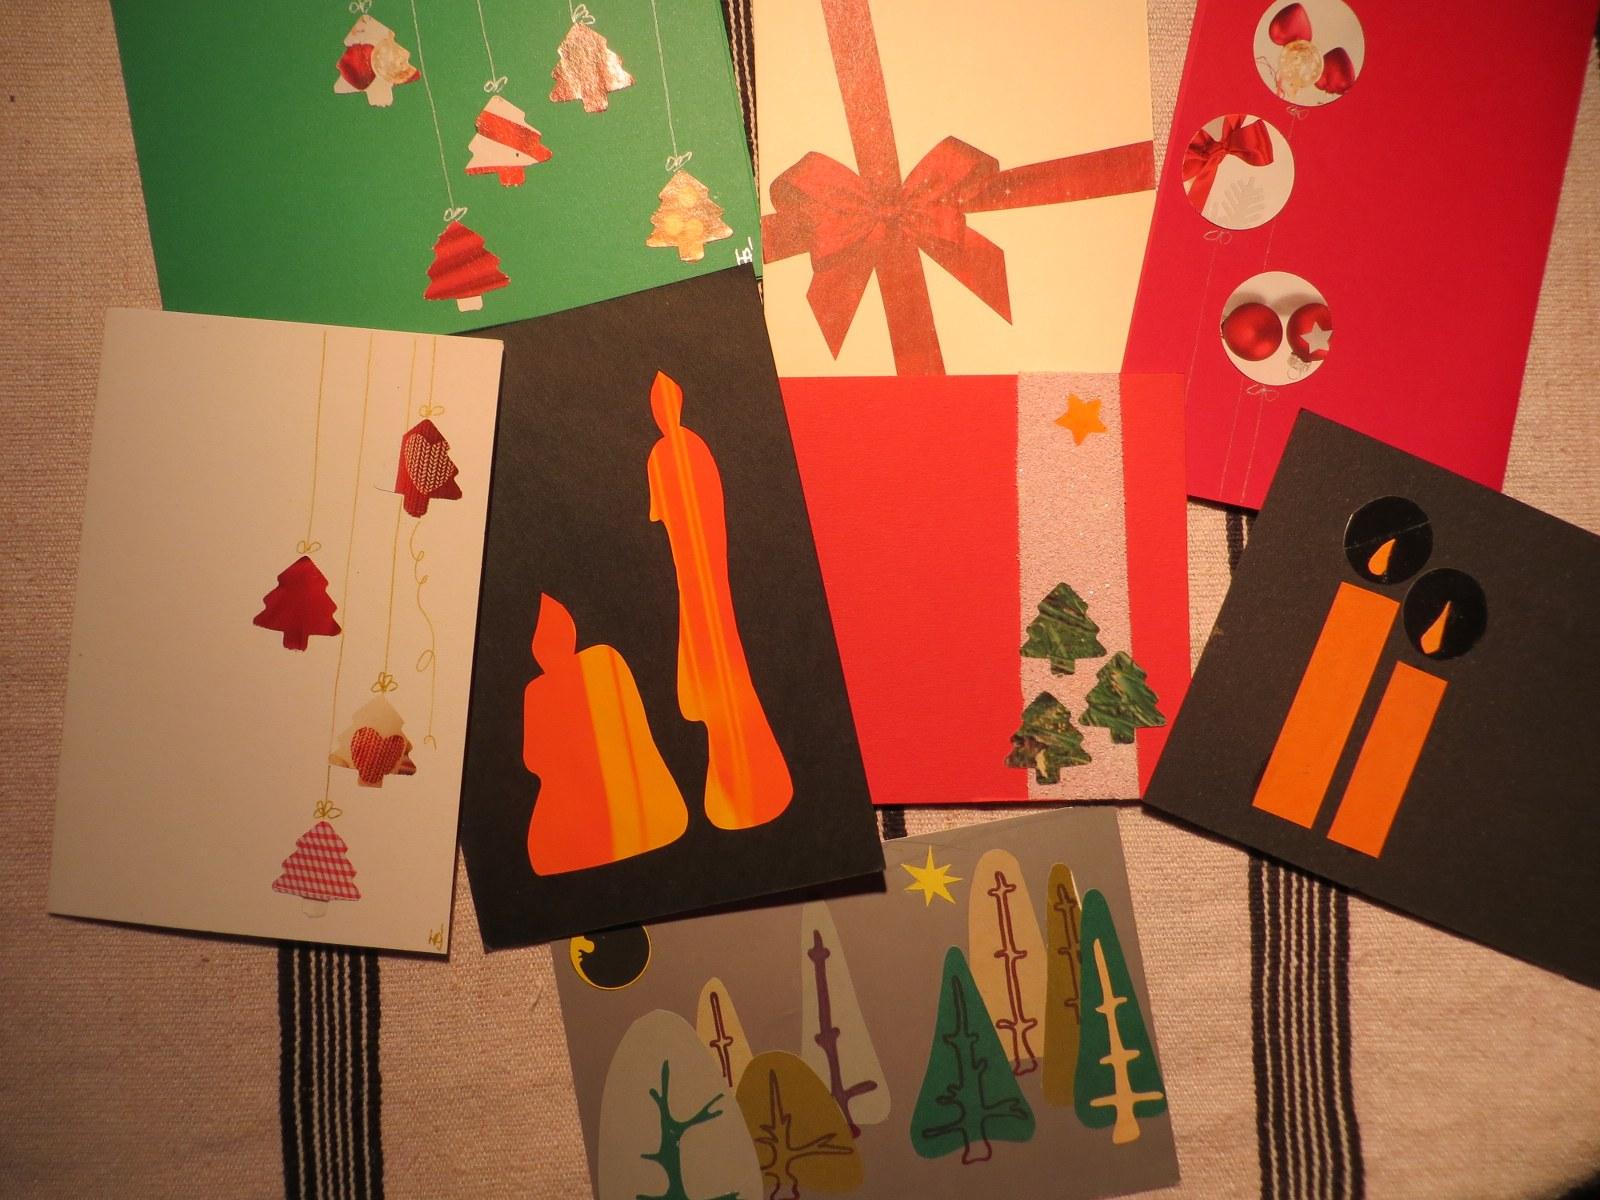 karácsonyi-lapok_1600x1200